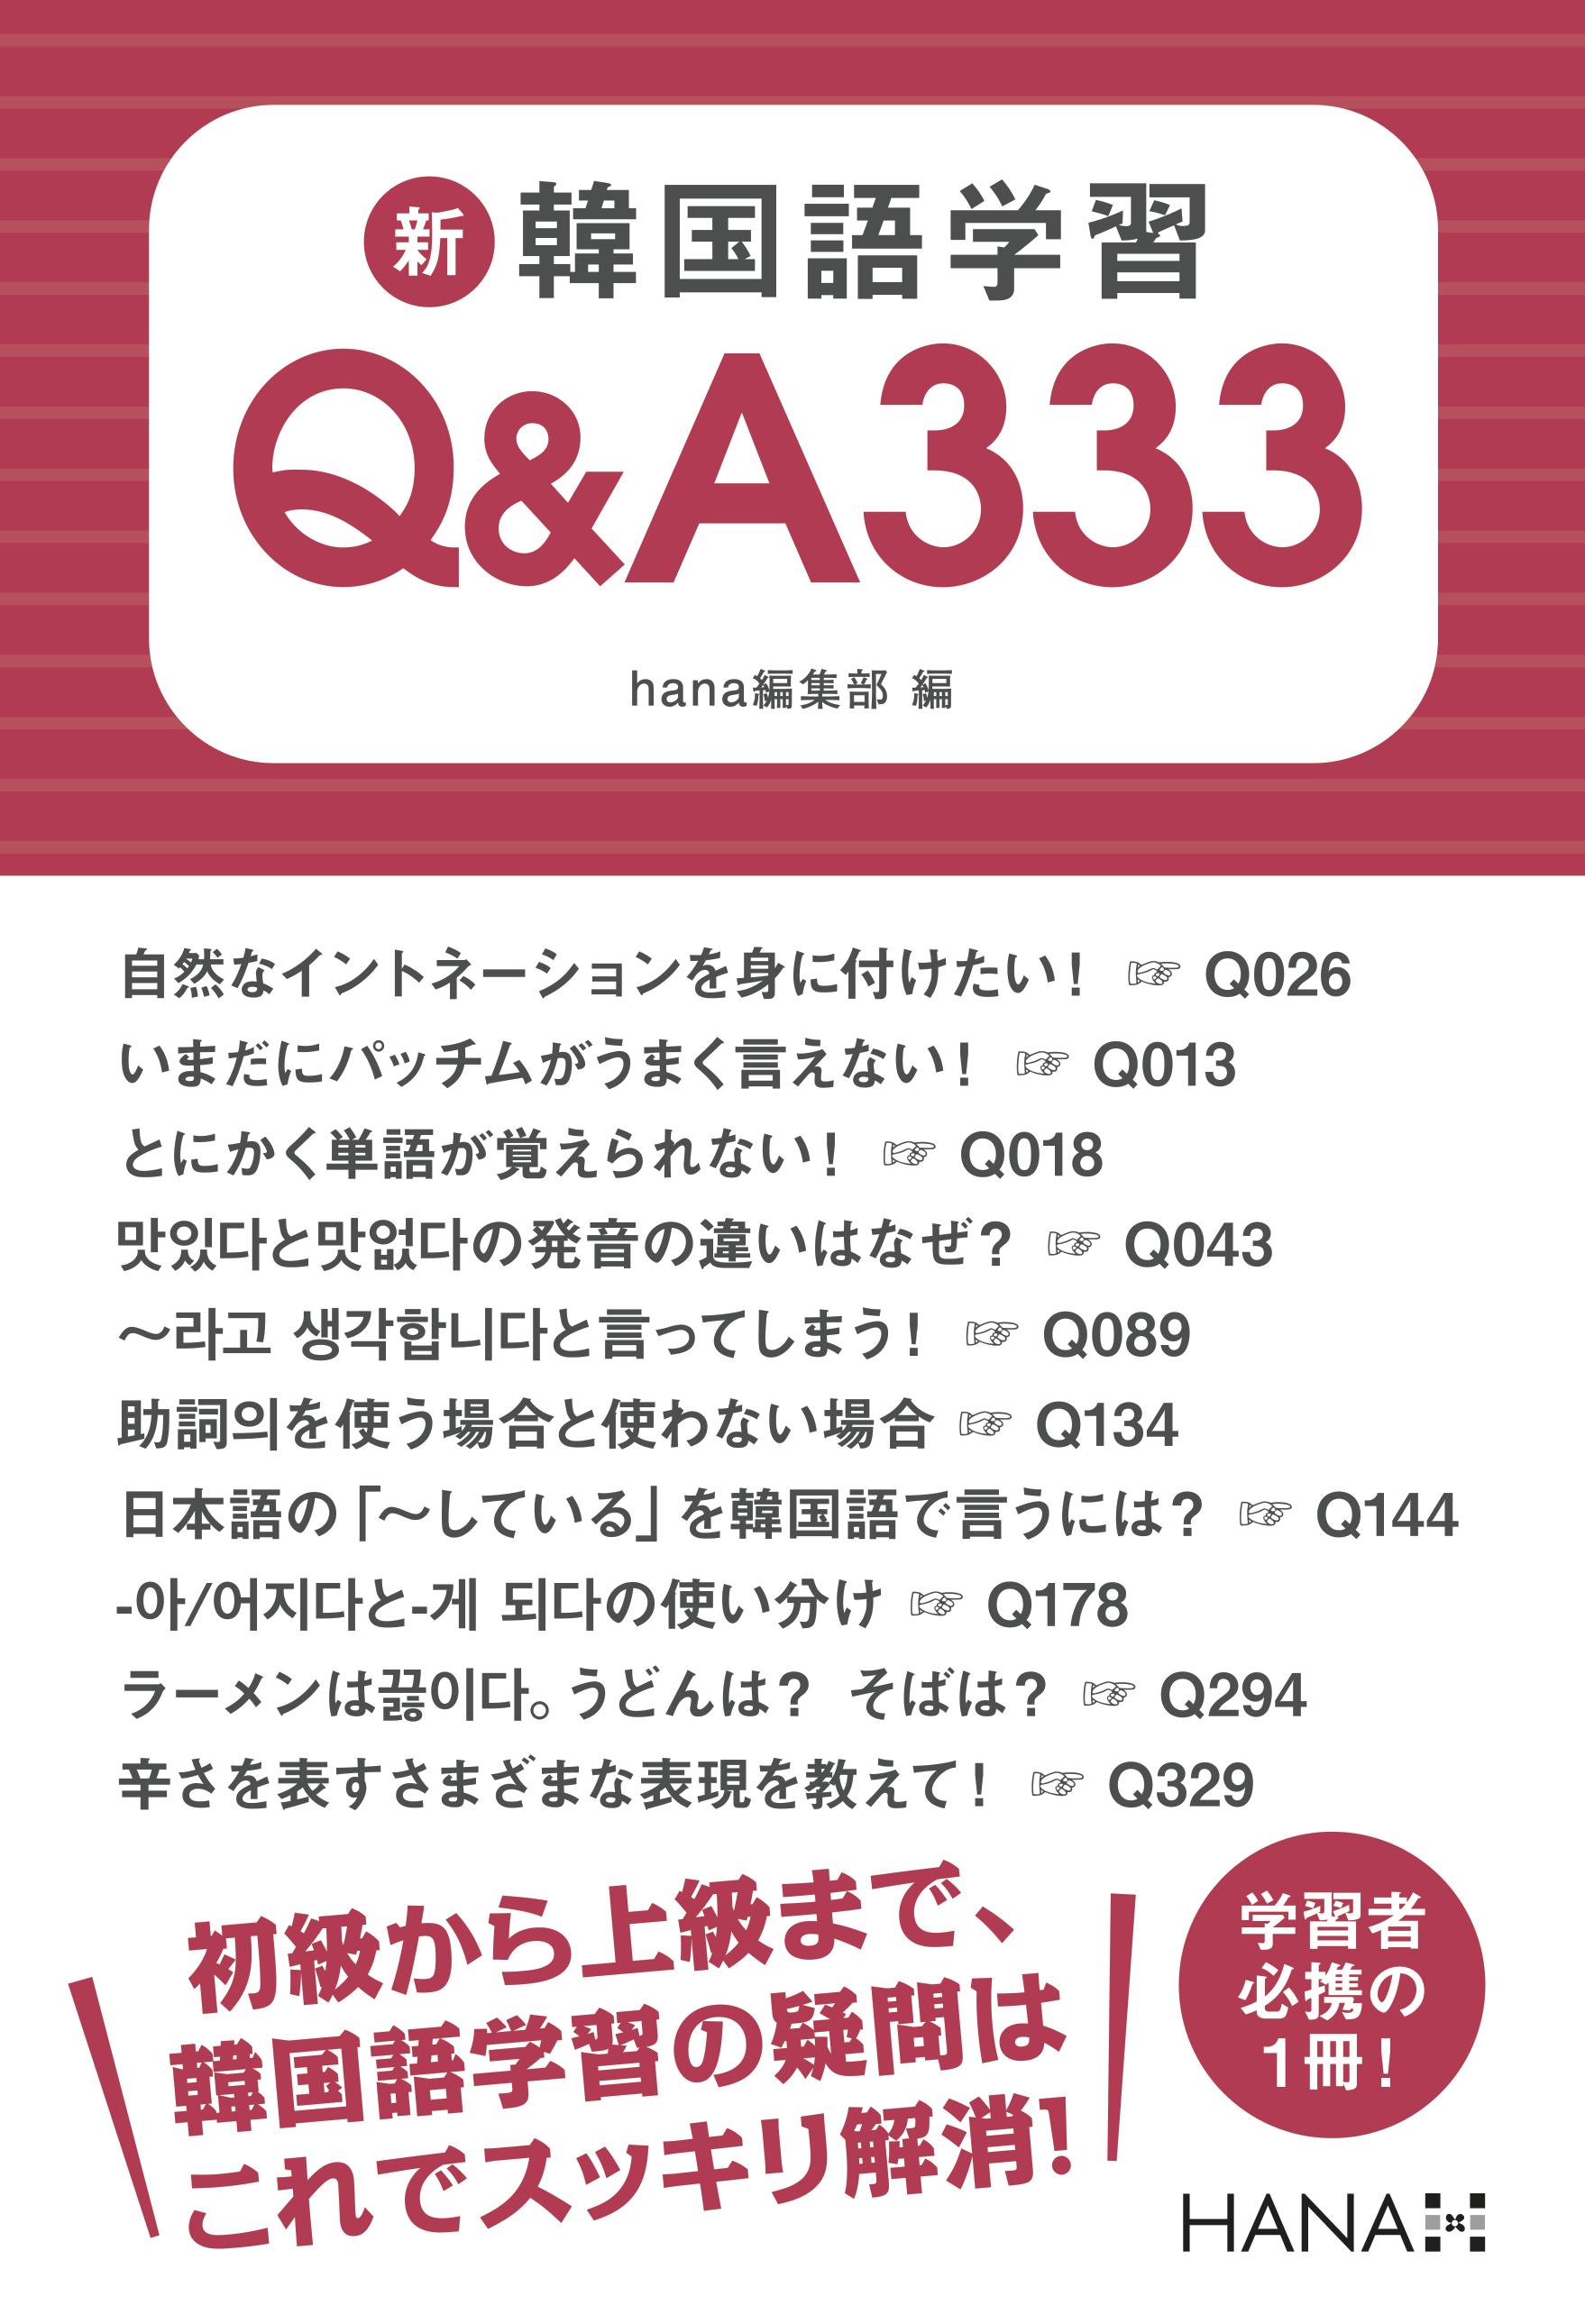 新韓国語学習Q&A333         のイメージ